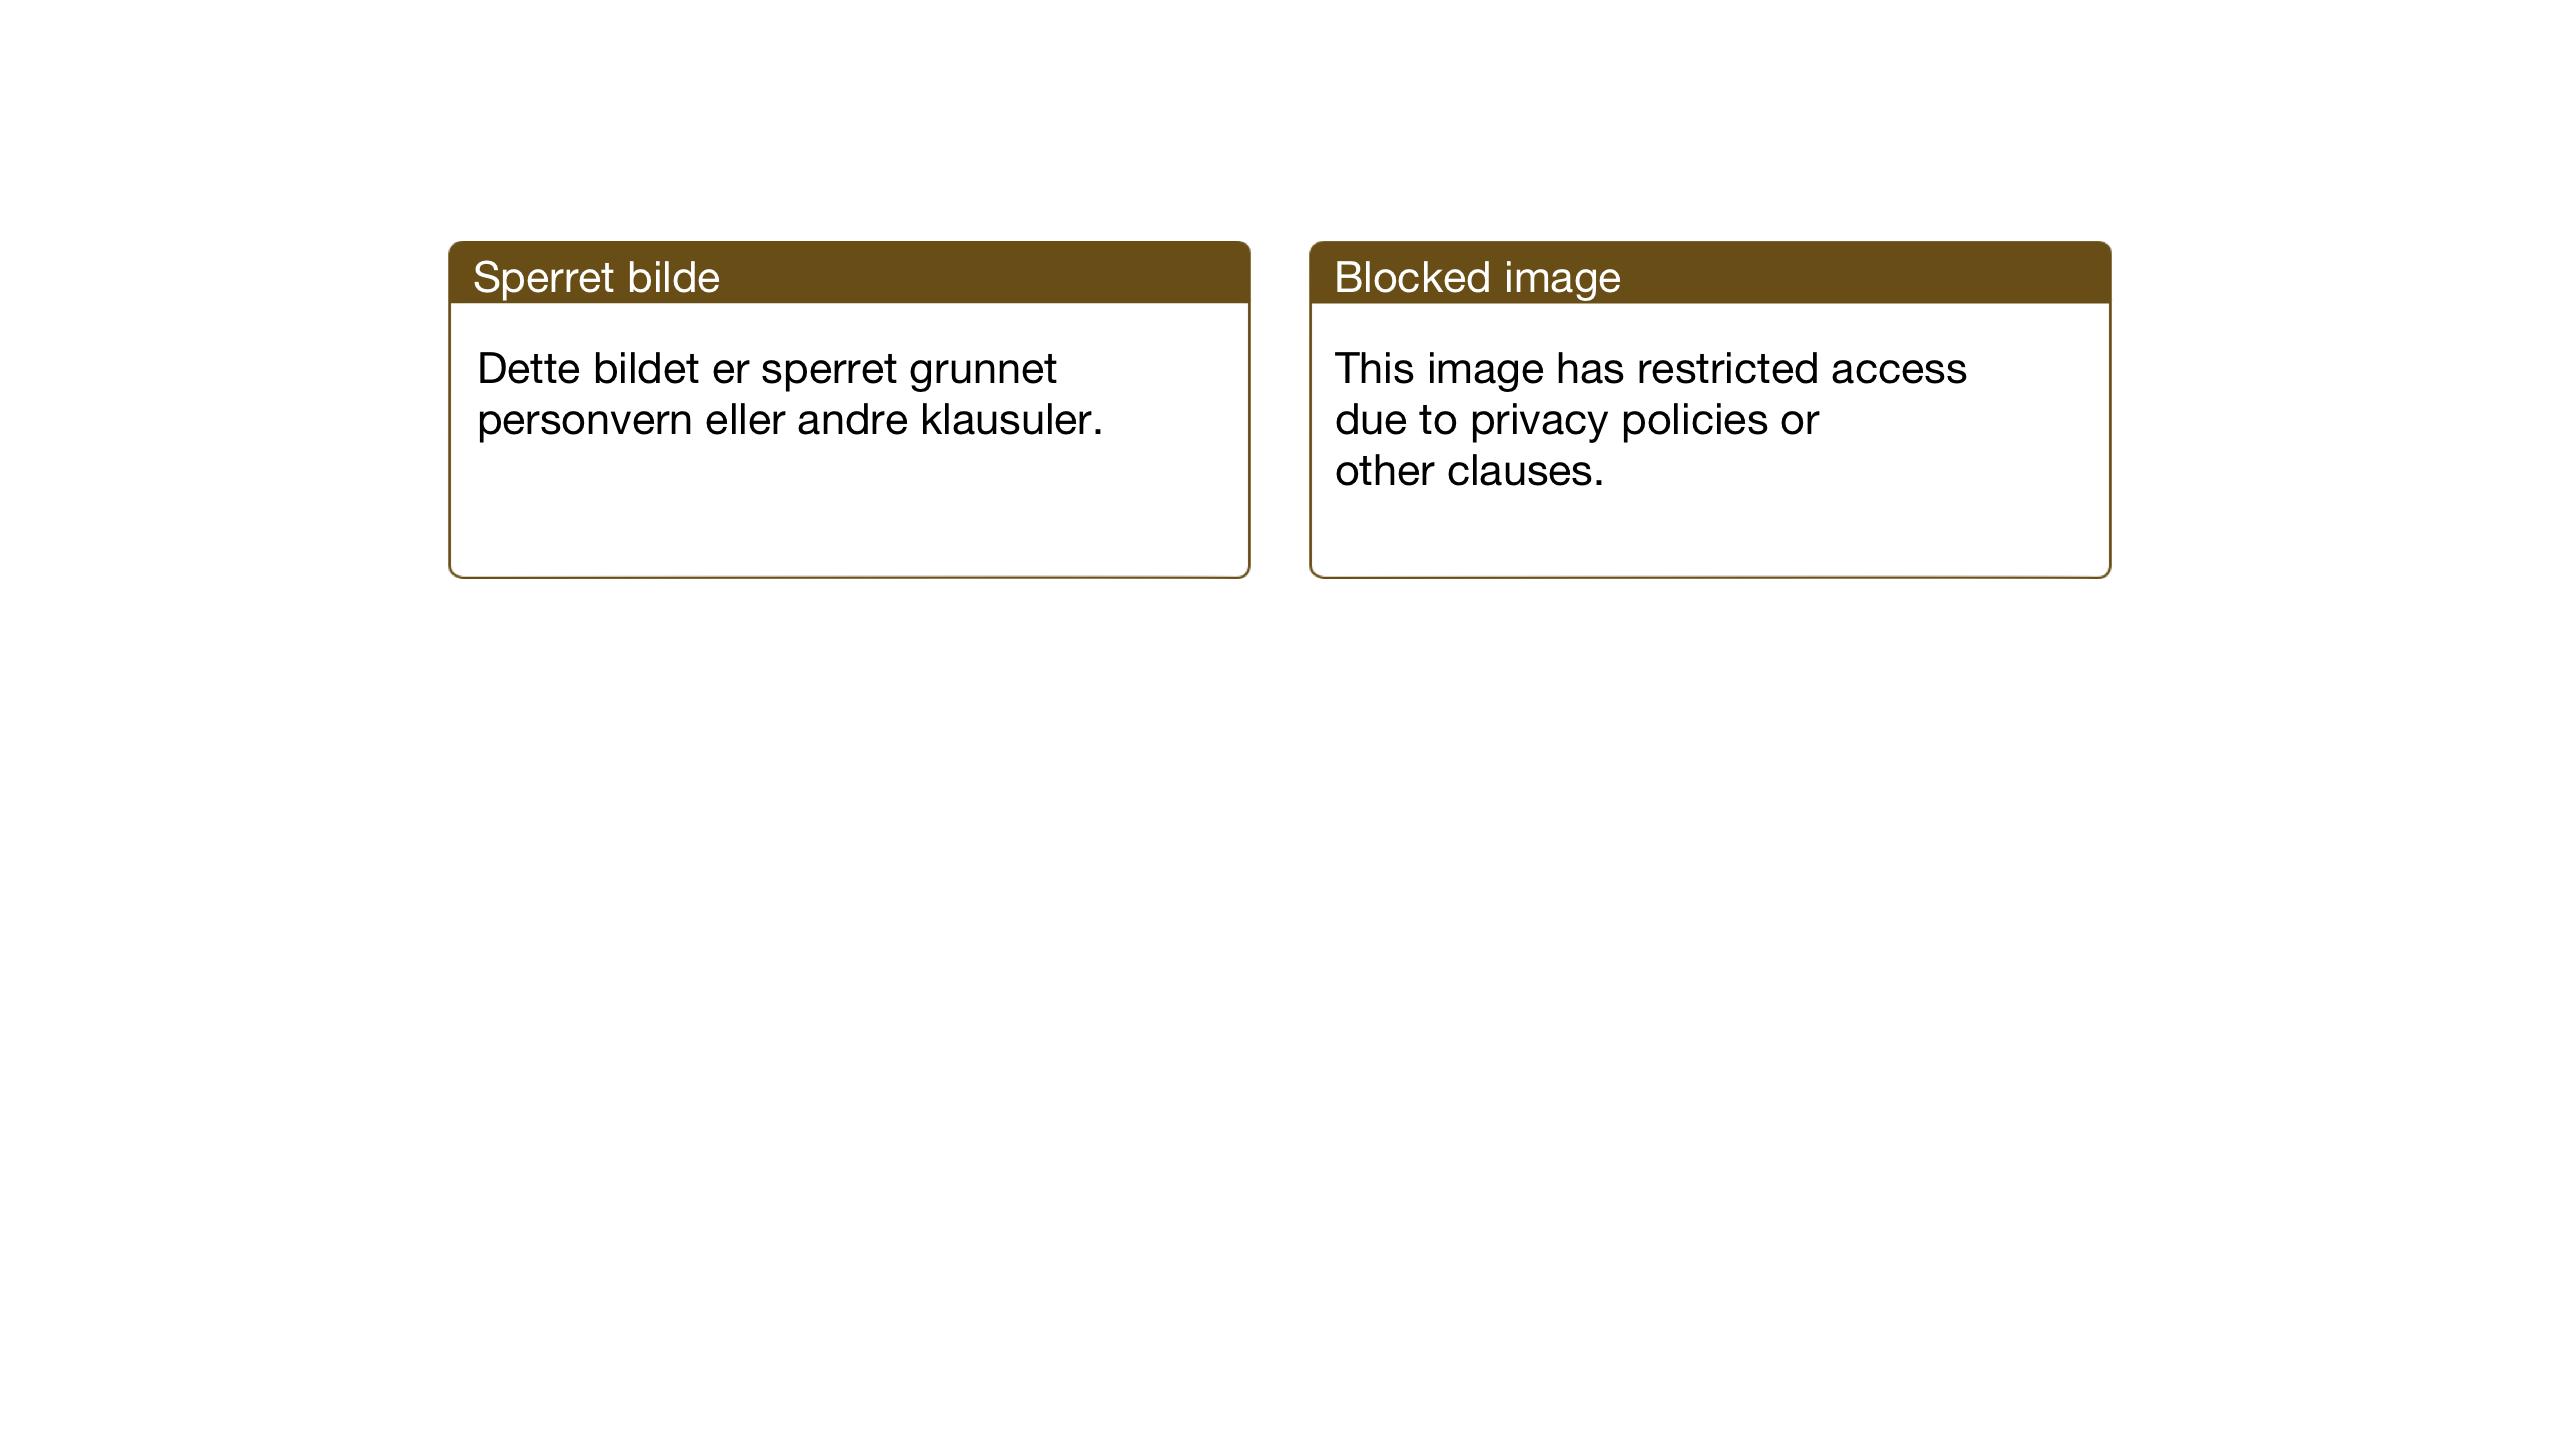 SAT, Ministerialprotokoller, klokkerbøker og fødselsregistre - Sør-Trøndelag, 633/L0521: Klokkerbok nr. 633C03, 1921-1941, s. 108